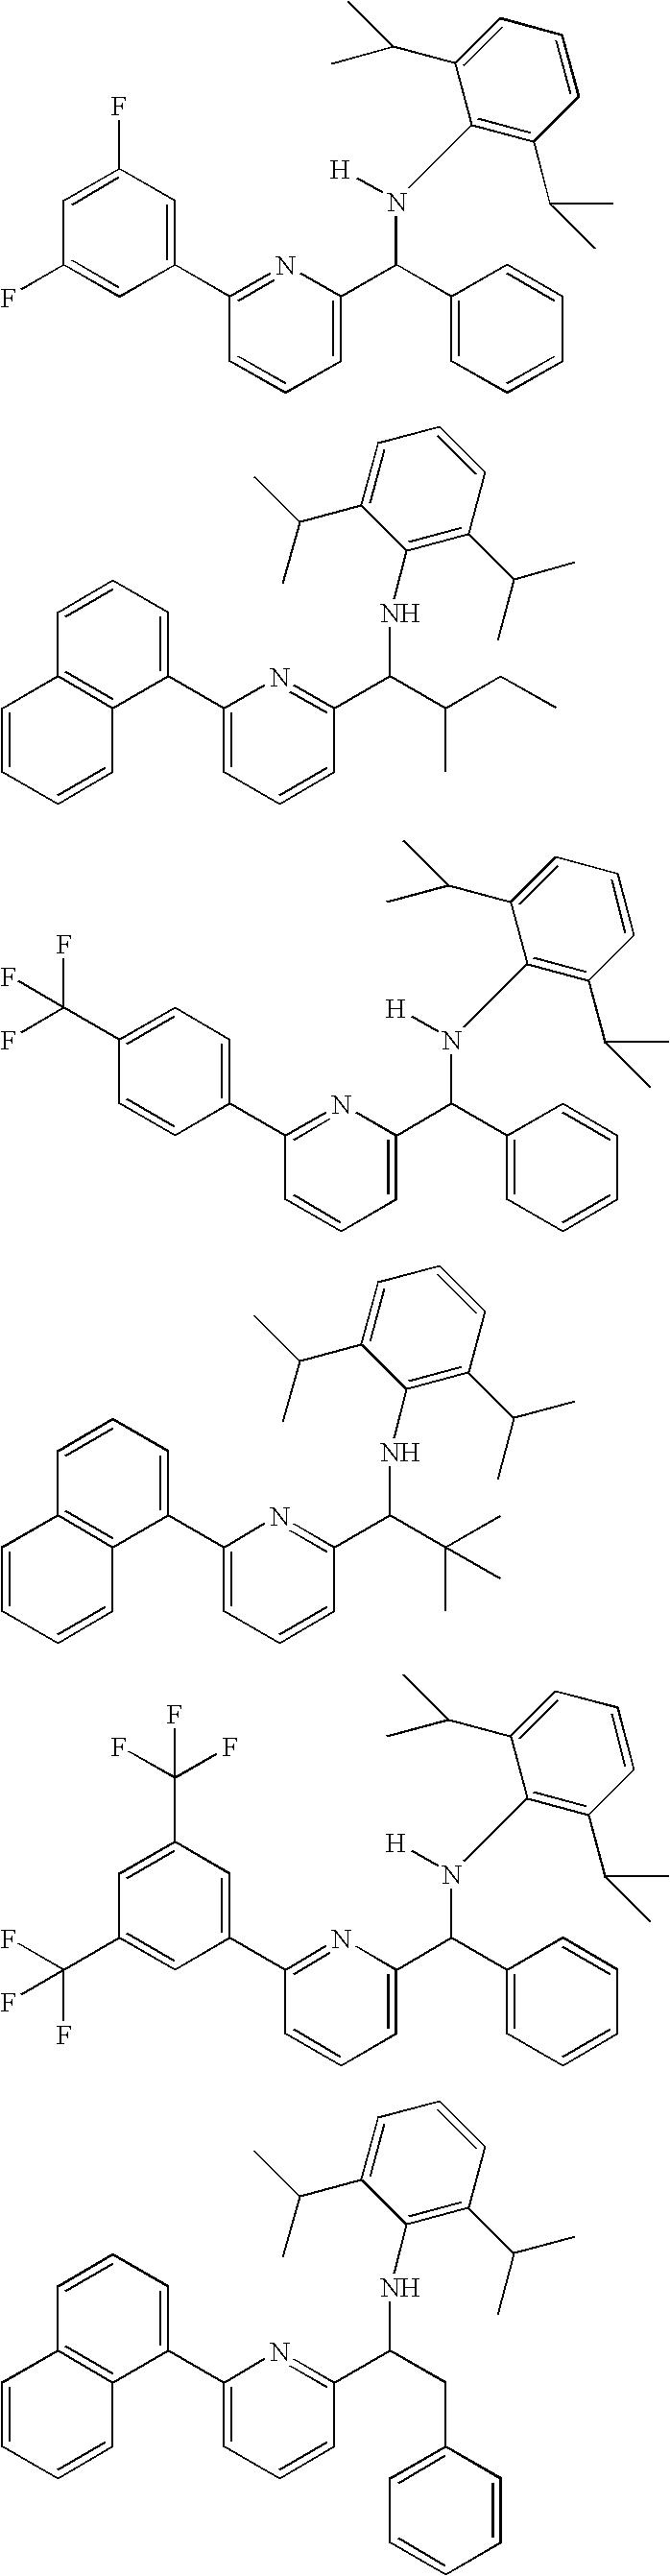 Figure US06900321-20050531-C00024